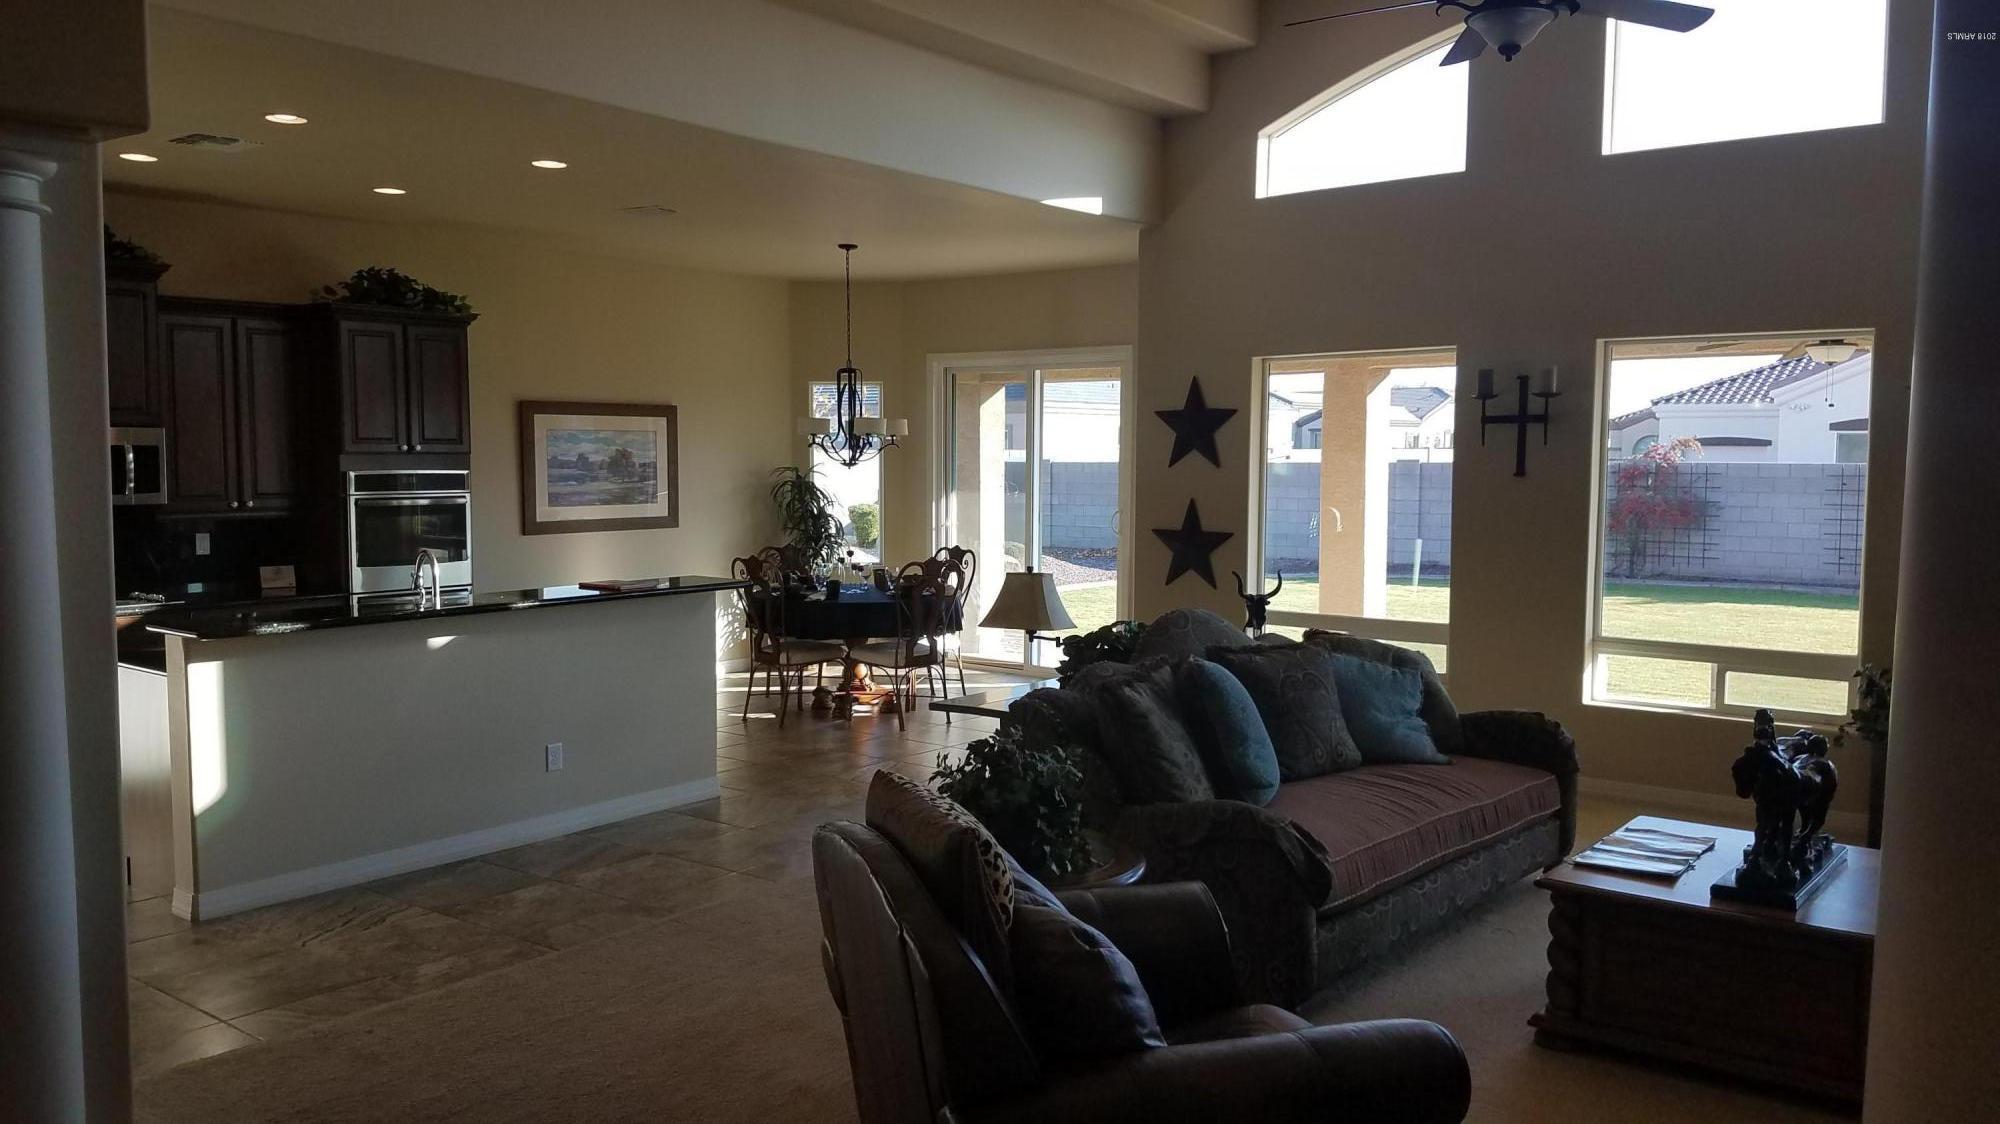 MLS 5708806 5484 N 84TH Lane, Glendale, AZ 85305 Glendale AZ Newly Built